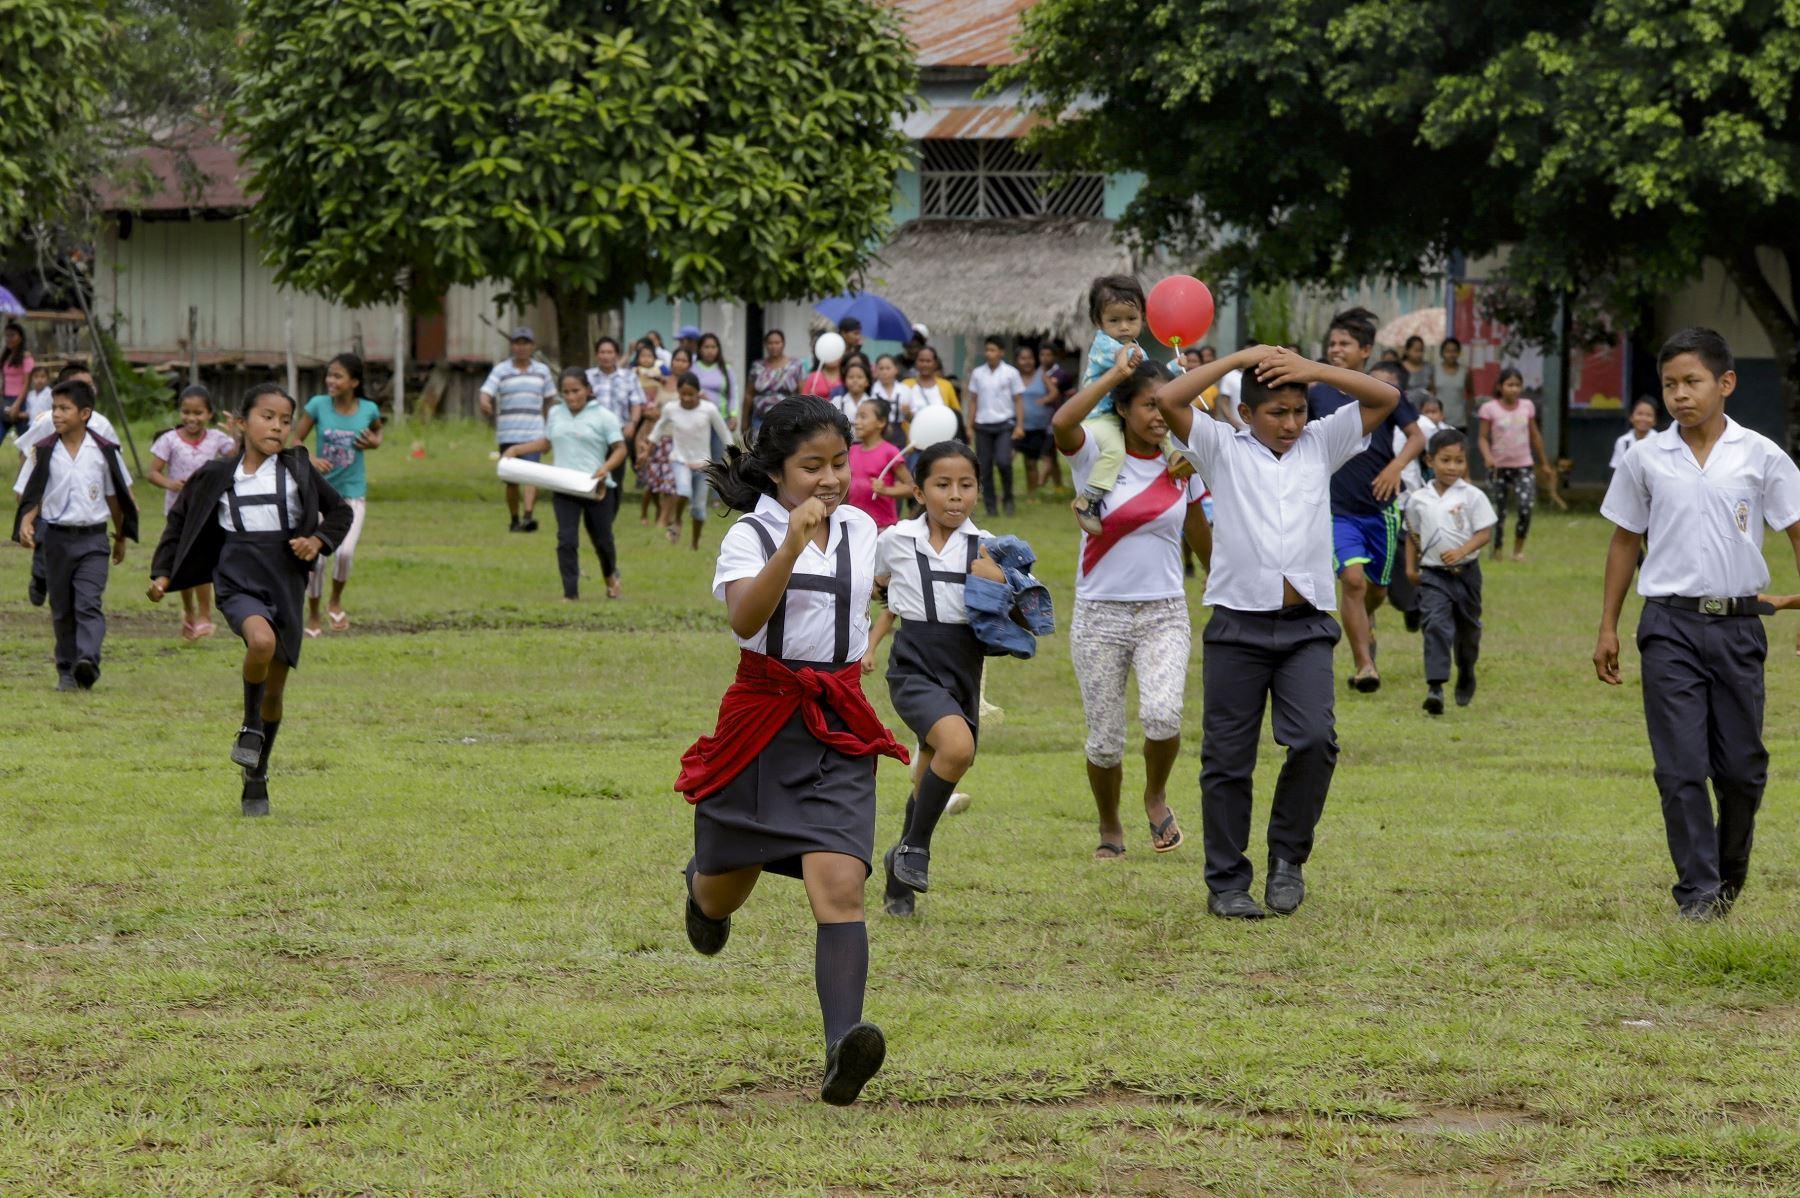 Alumnos de la institución educativa Lucille Gagne Pellerin del distrito de Napo-Santa Clotilde, se dirigen a sus nuevas aulas, parte del Plan Selva.  Foto:ANDINA/Juan Pablo Azabache